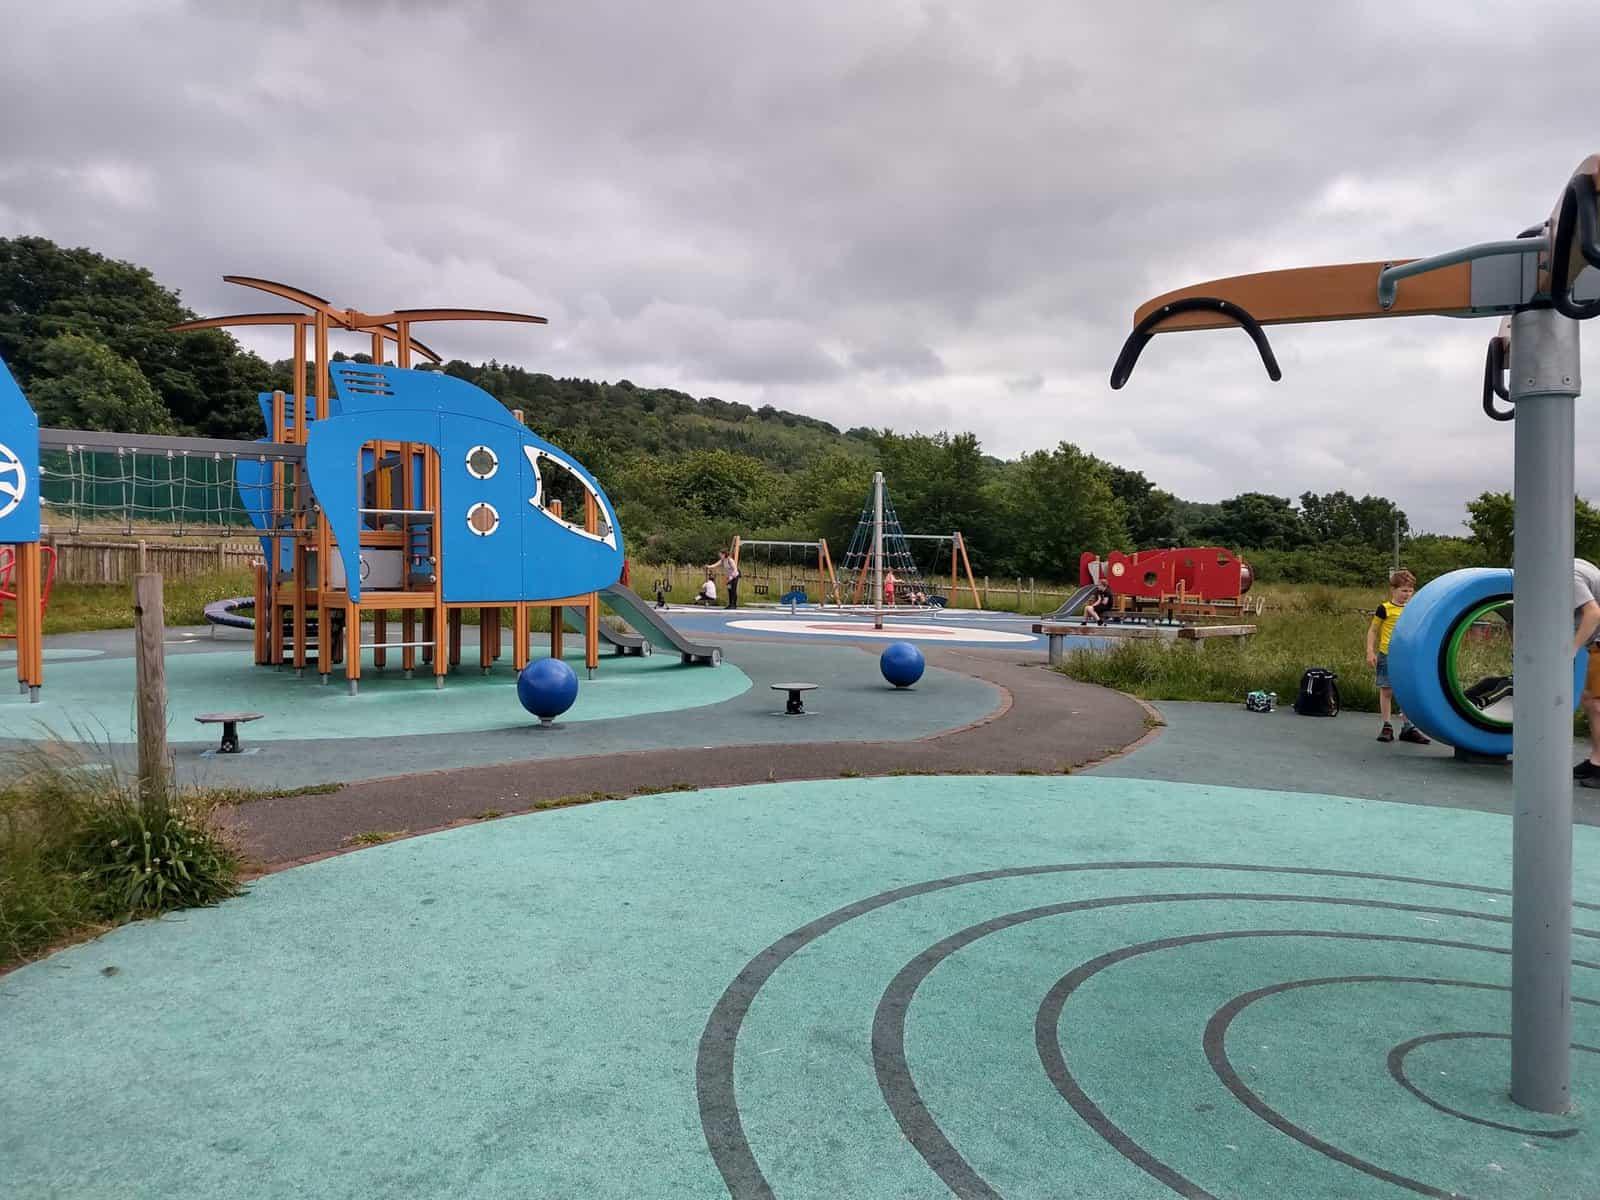 Chocs Away Playground